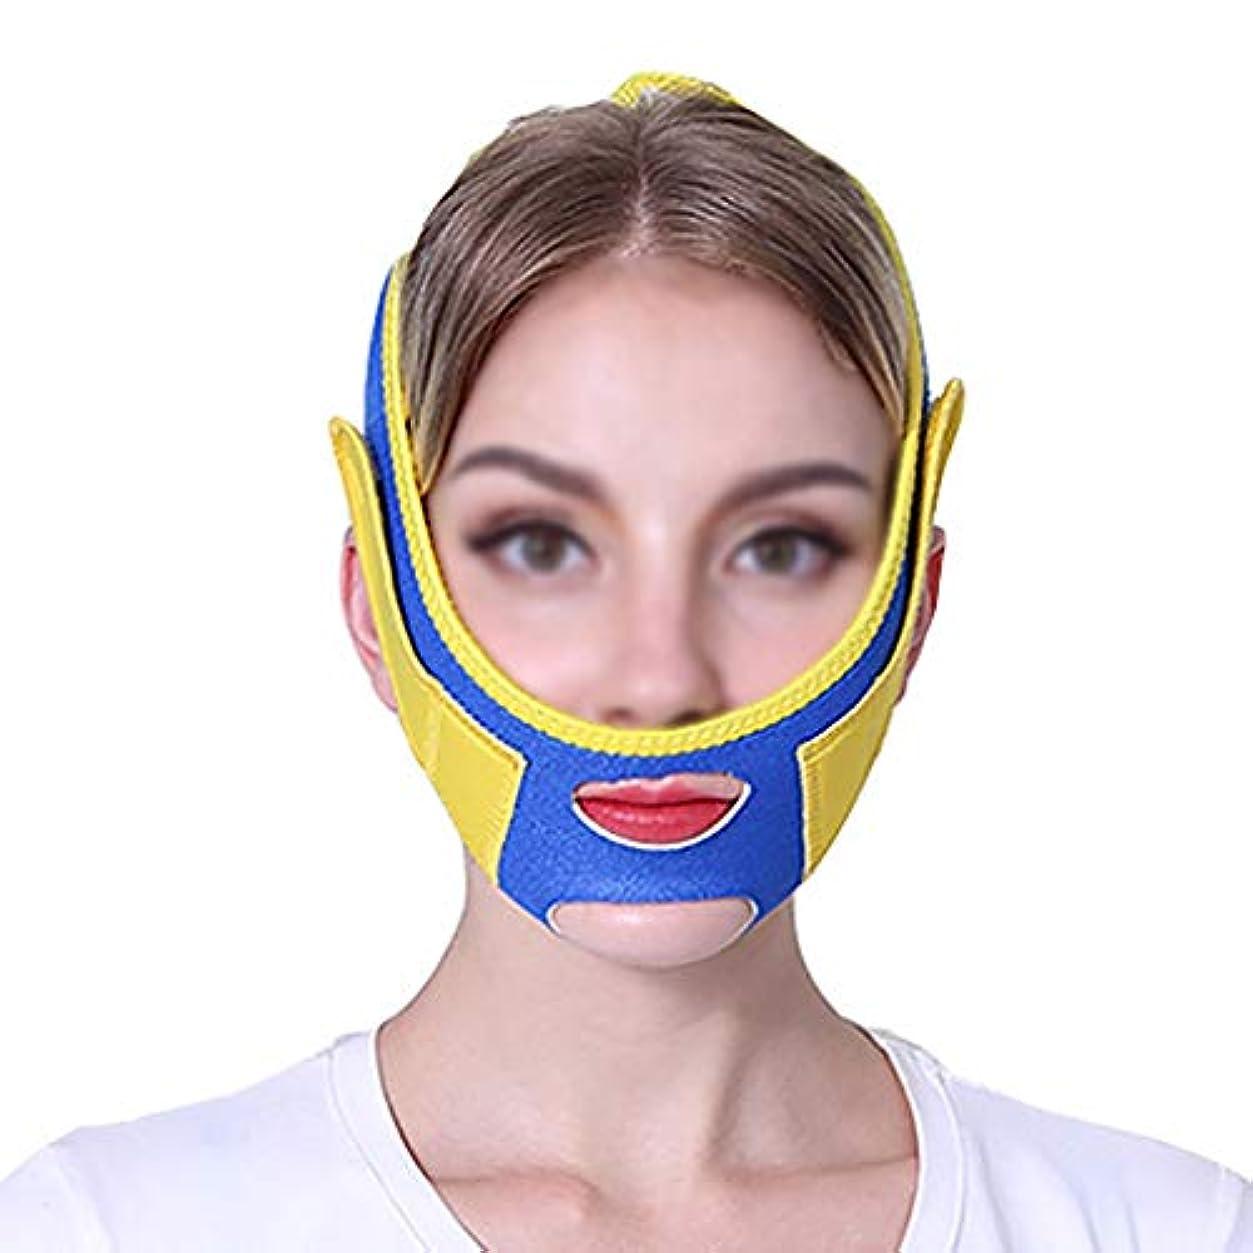 セメント仕立て屋気分が良いGLJJQMY ファーミングマスクスモールvフェイスアーティファクトリフティングマスクフェイスリフティングフェイスリフティングマスクファーミングクリームフェイシャルリフティング包帯 顔用整形マスク